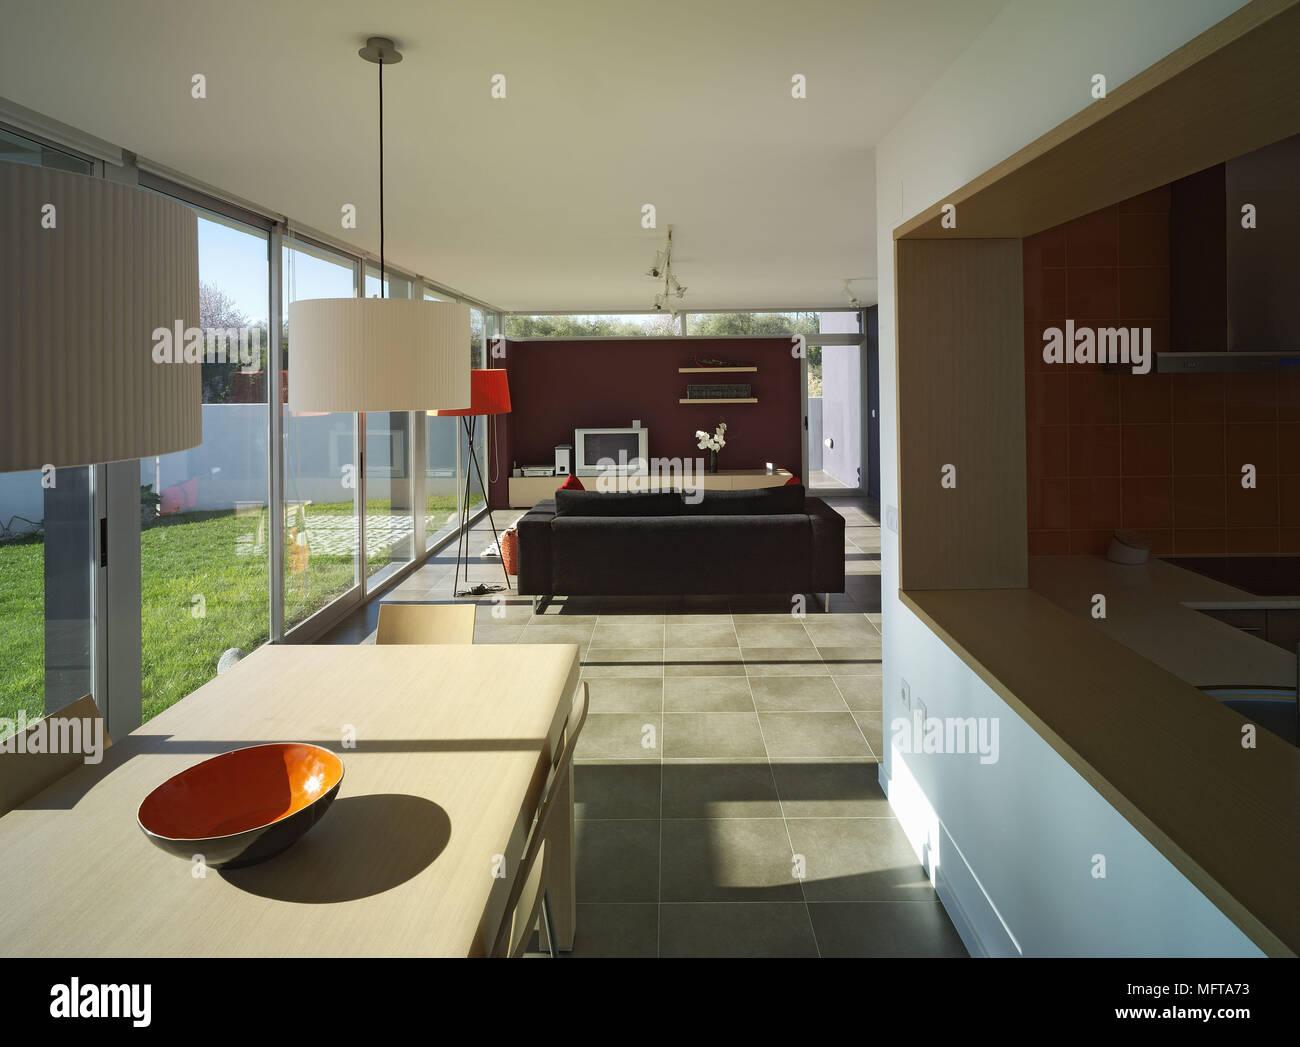 Moderne offene Küche/Esszimmer und Wohnzimmer mit Fenstern vom Boden ...